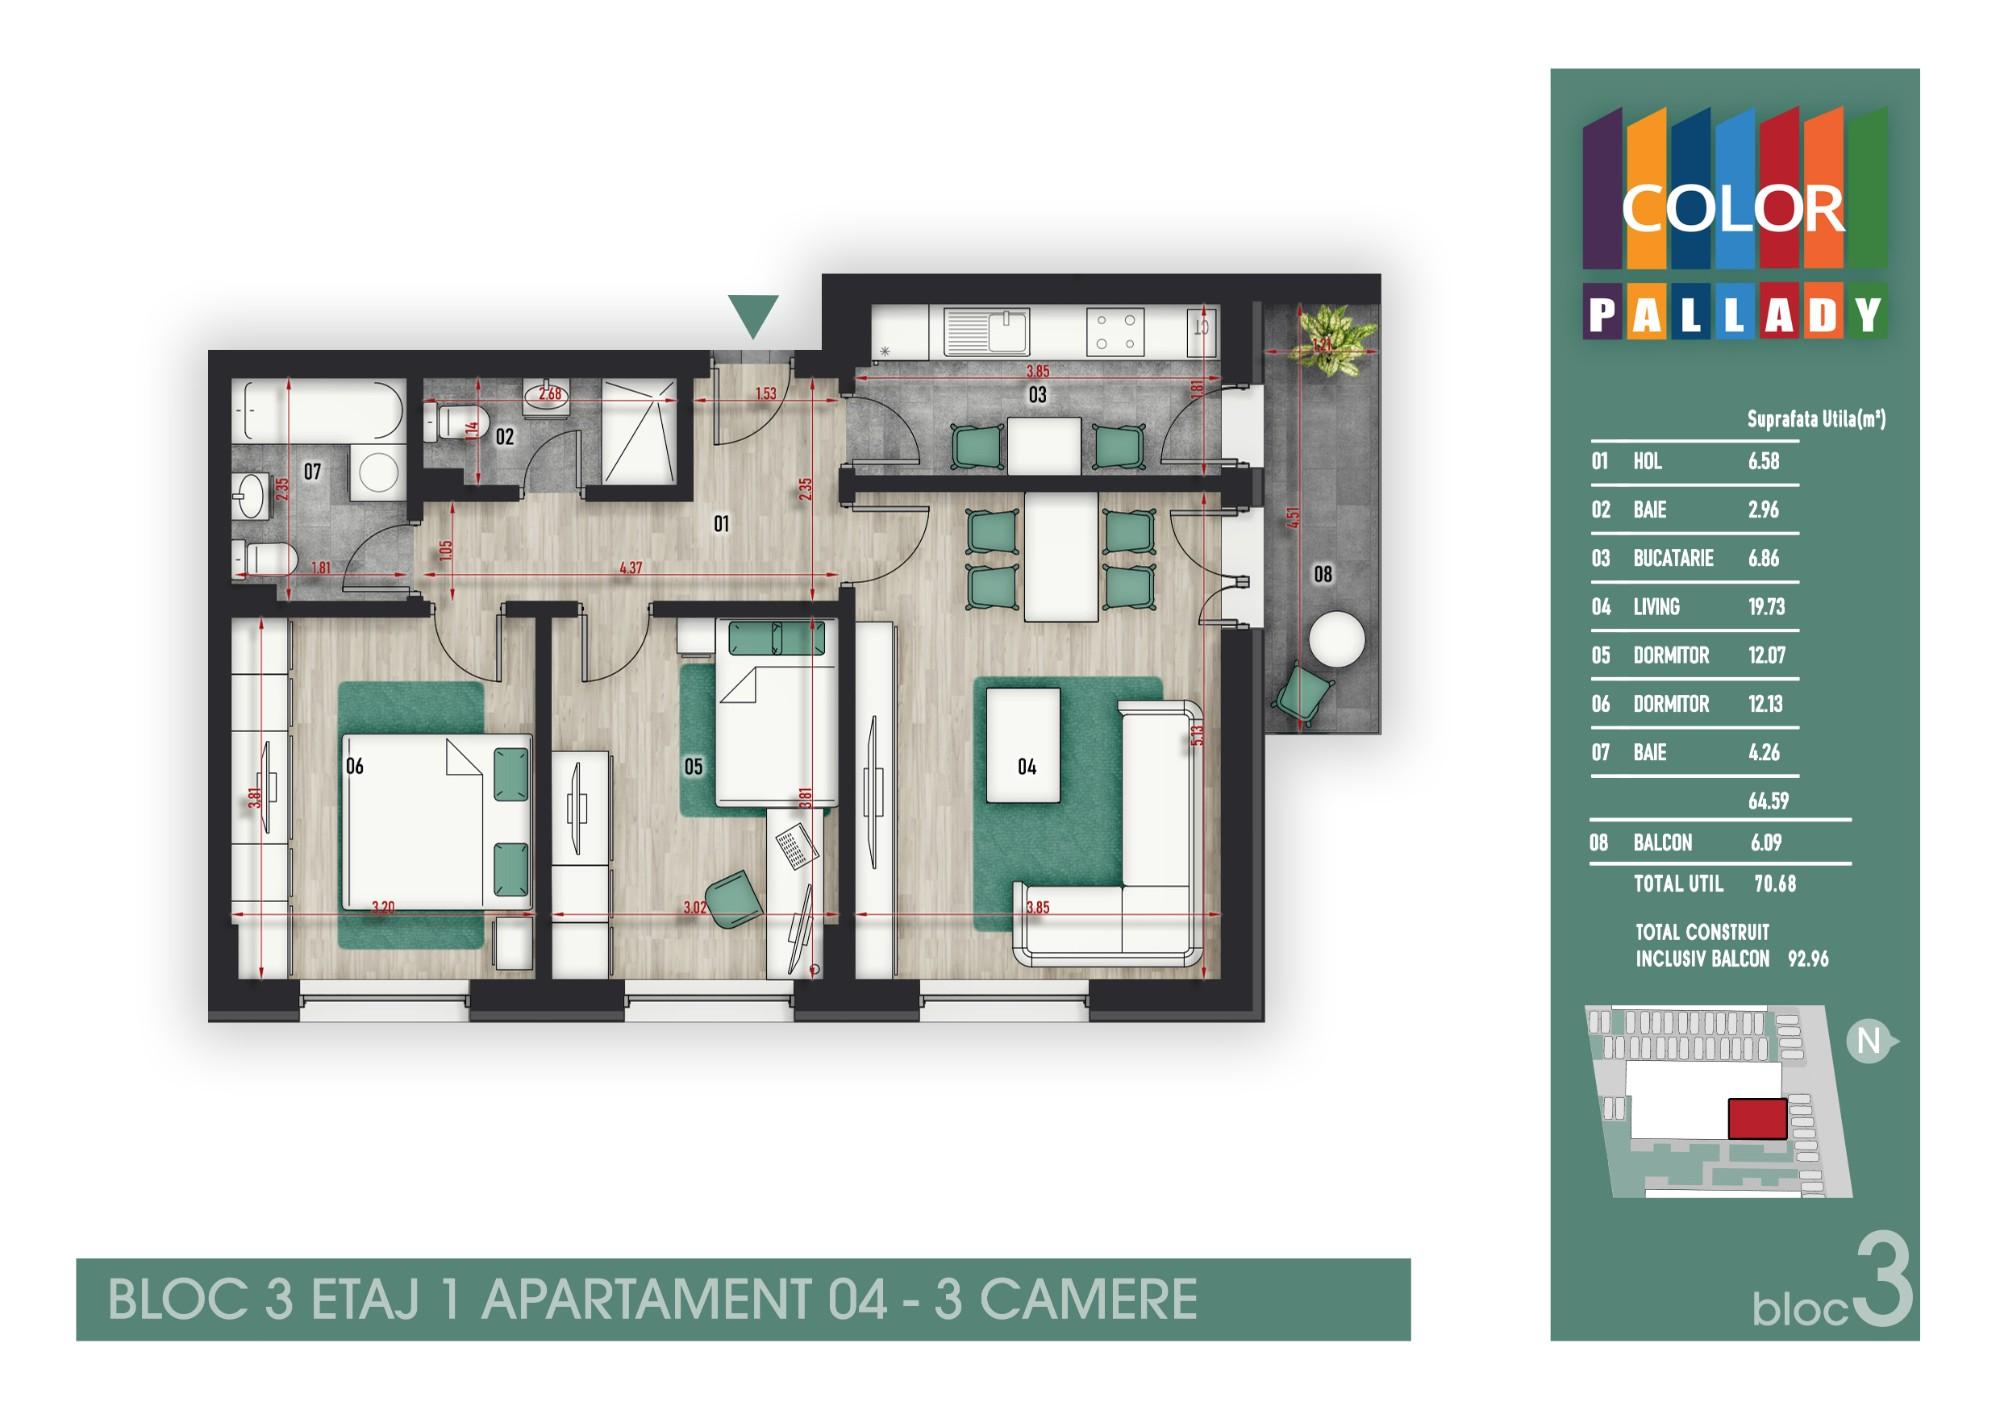 Bloc 3 - Etaj 1 - Apartament 04